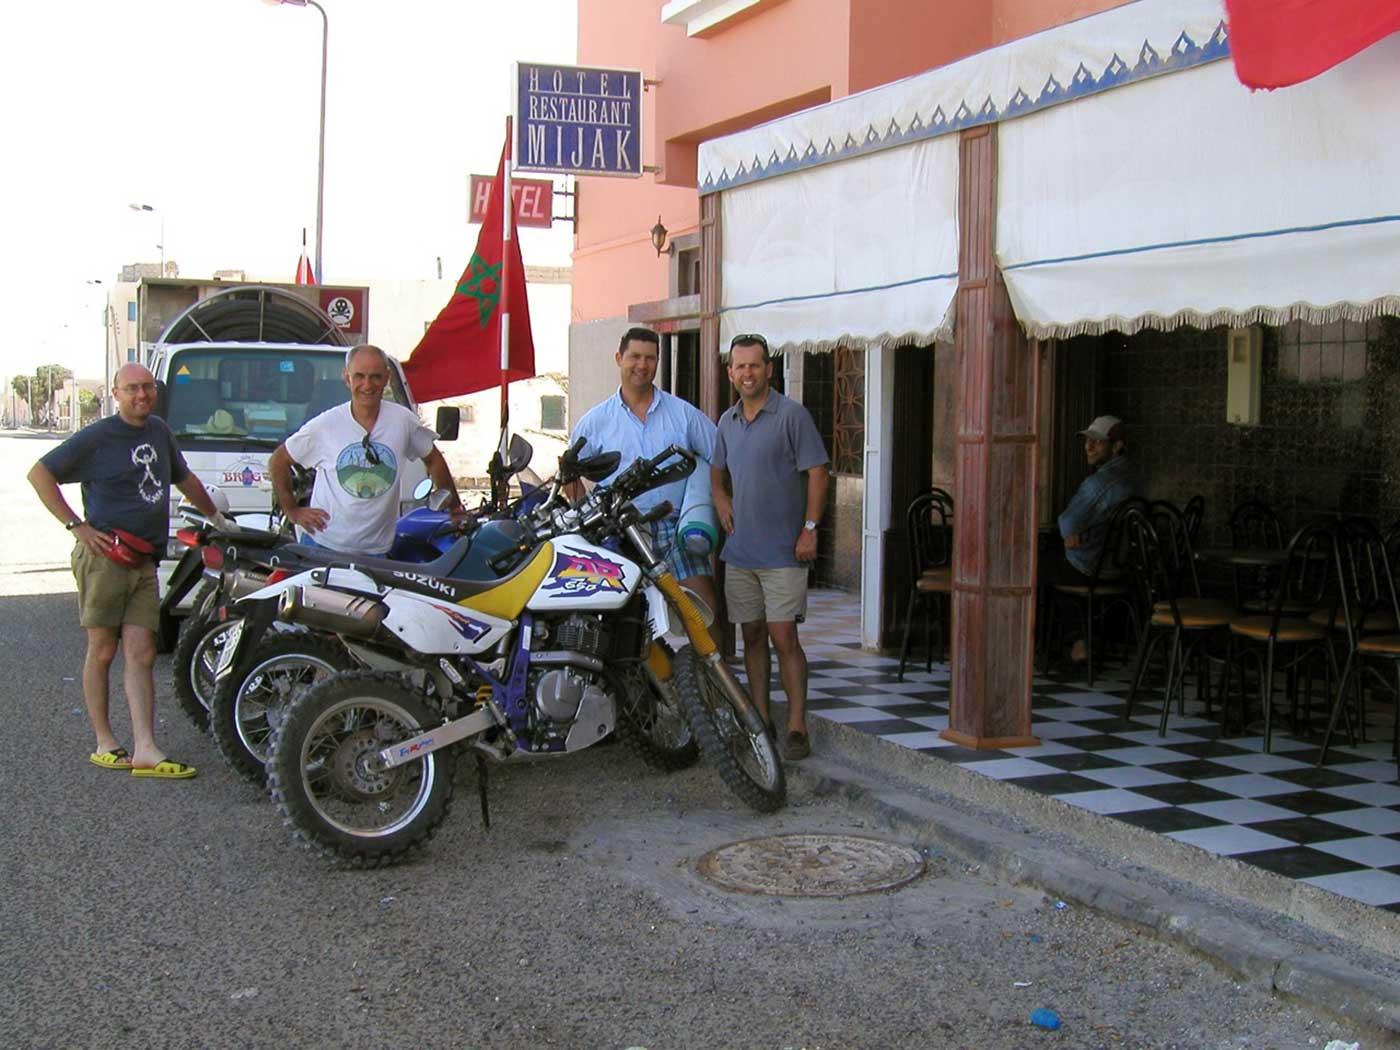 Día 6, en Dahkla preparando la entrada en Mauritania